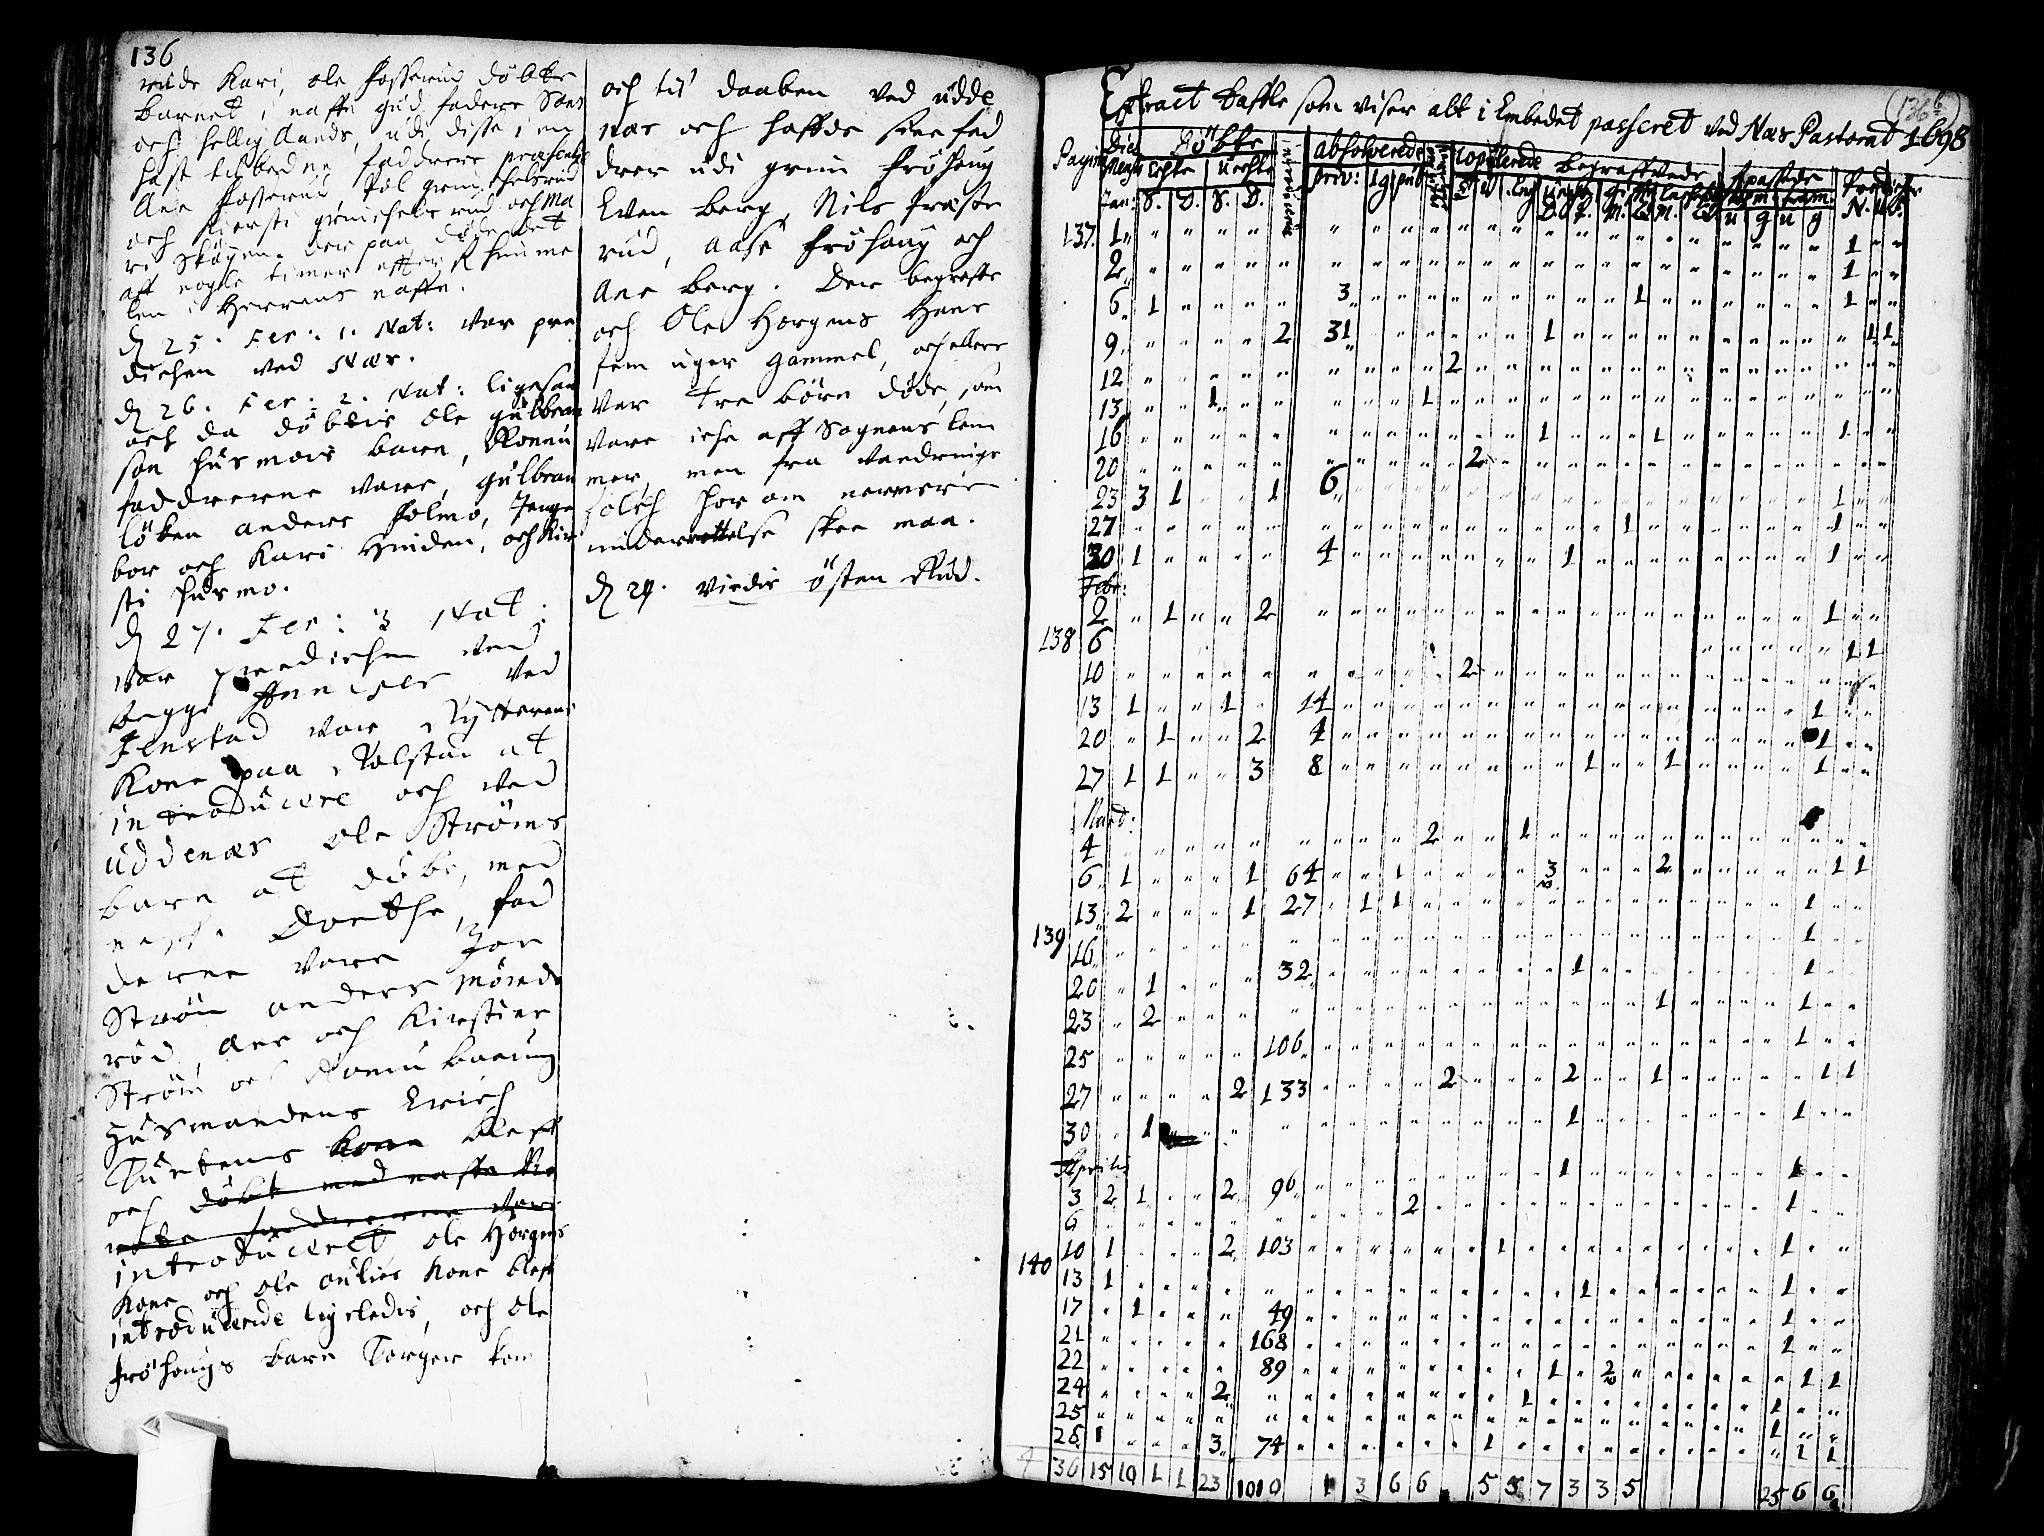 SAO, Nes prestekontor Kirkebøker, F/Fa/L0001: Ministerialbok nr. I 1, 1689-1716, s. 136a-136b